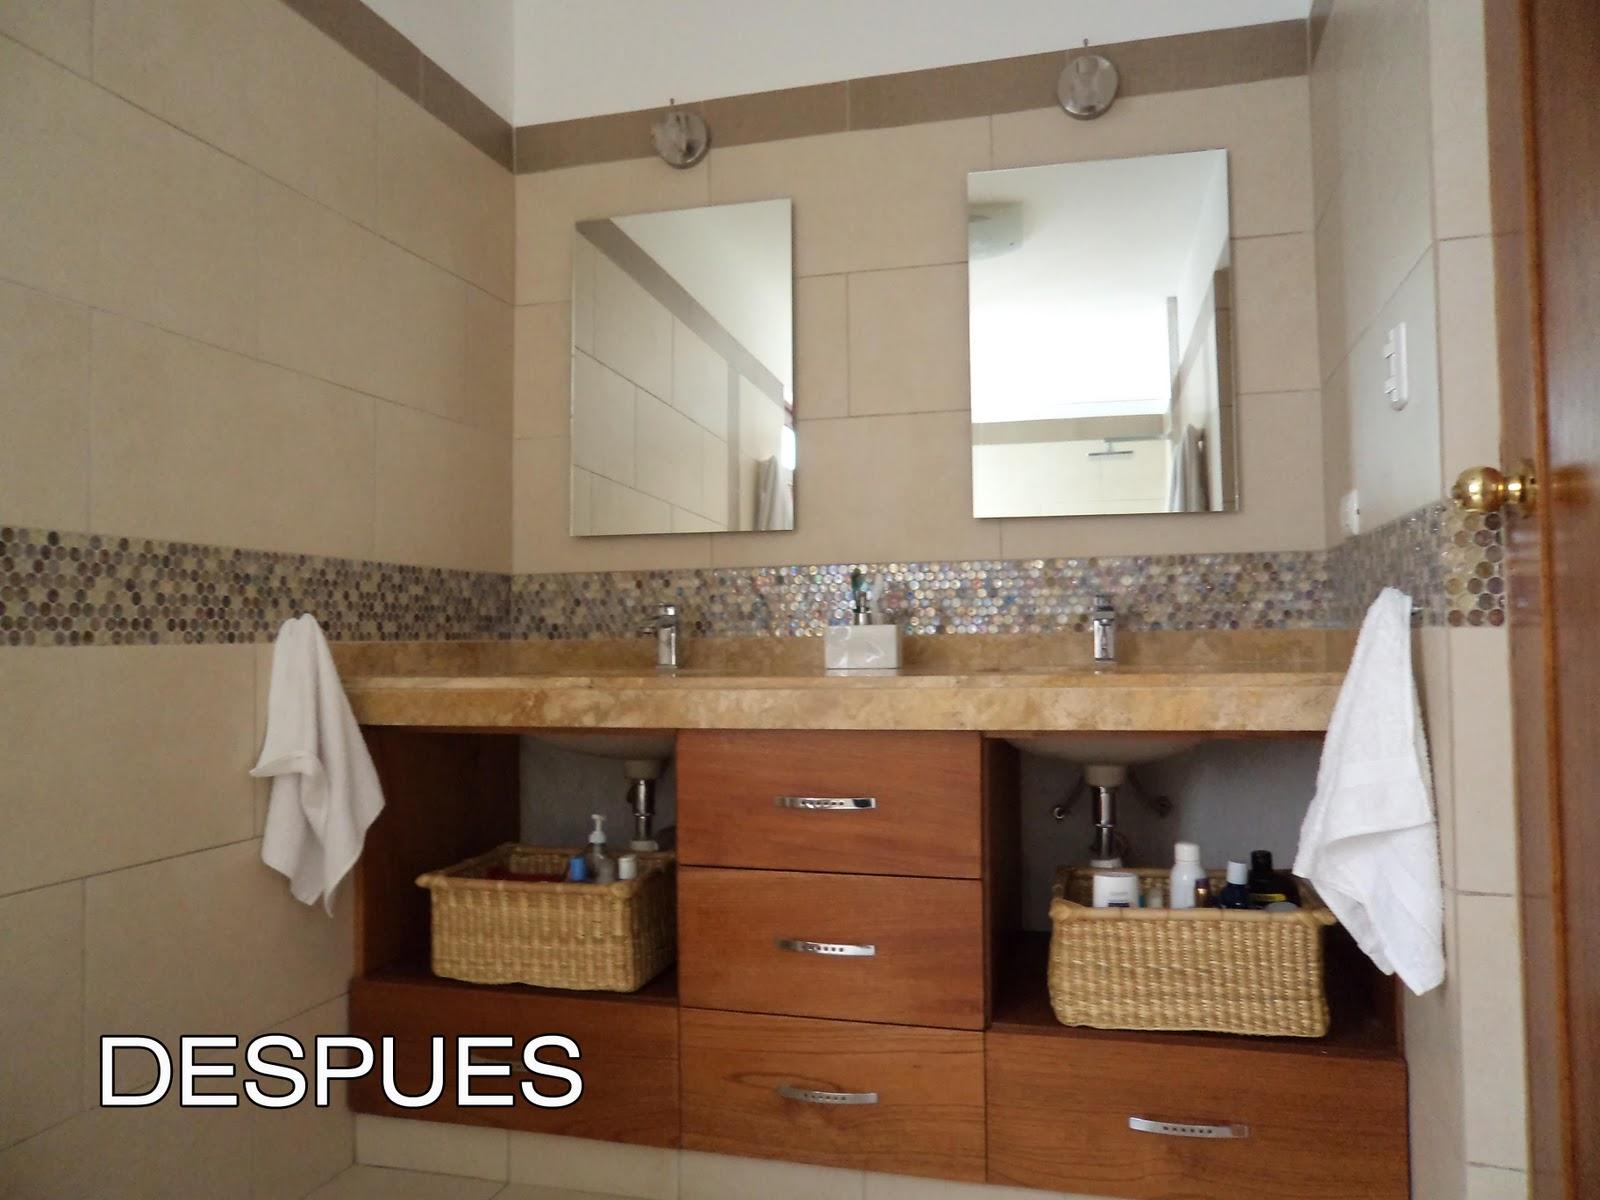 Imagenes Baños De Visita:Baño de visitas y baño principal de vivienda en Surco Cambio total